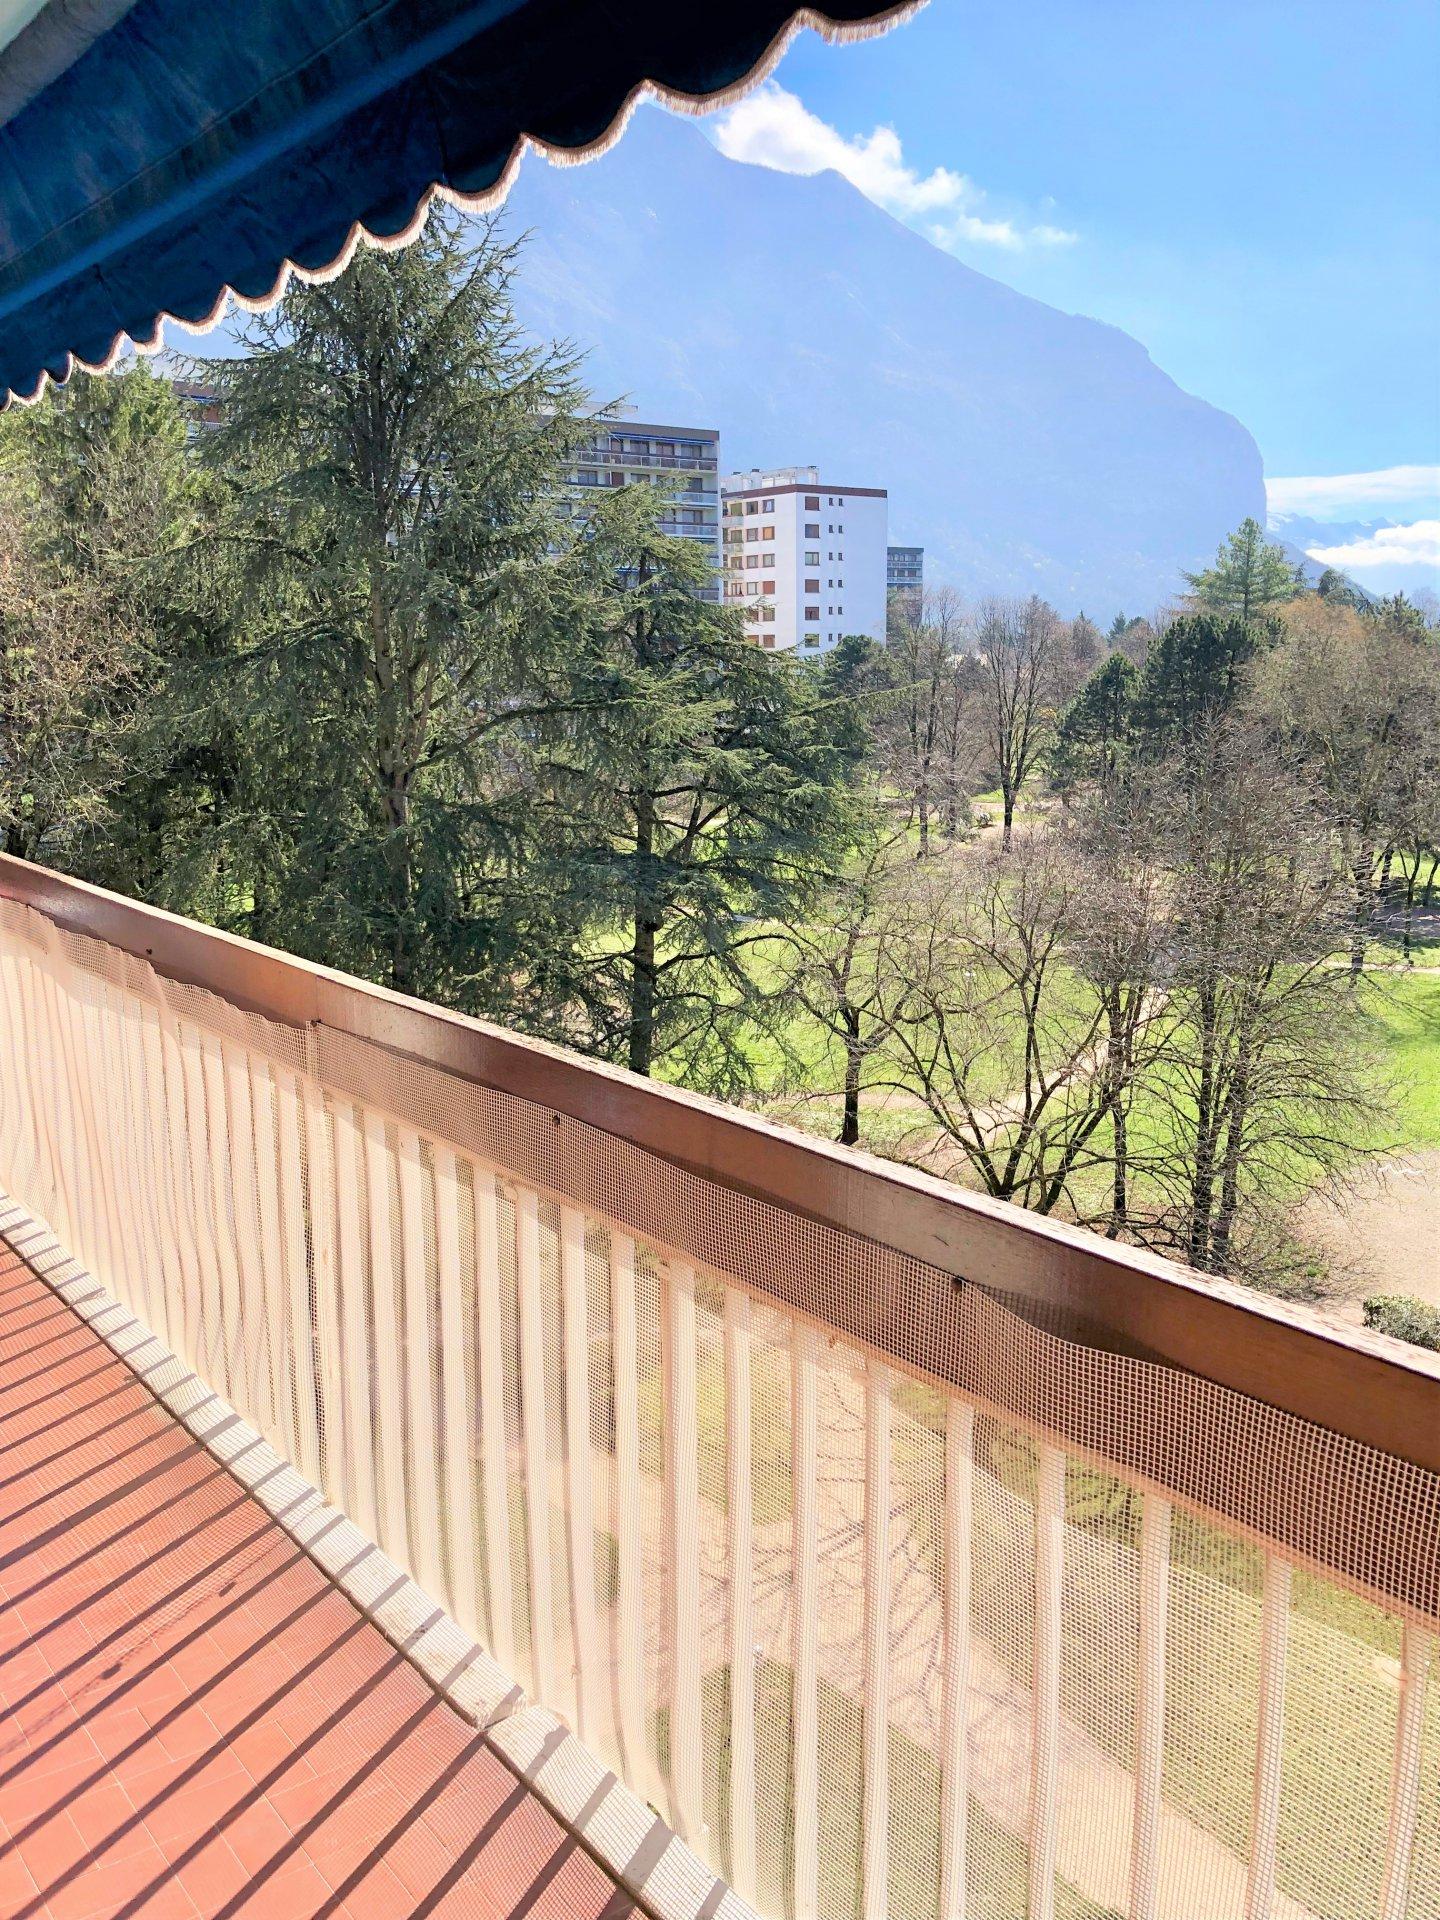 Bel beau balcon avec vue sur le parc !